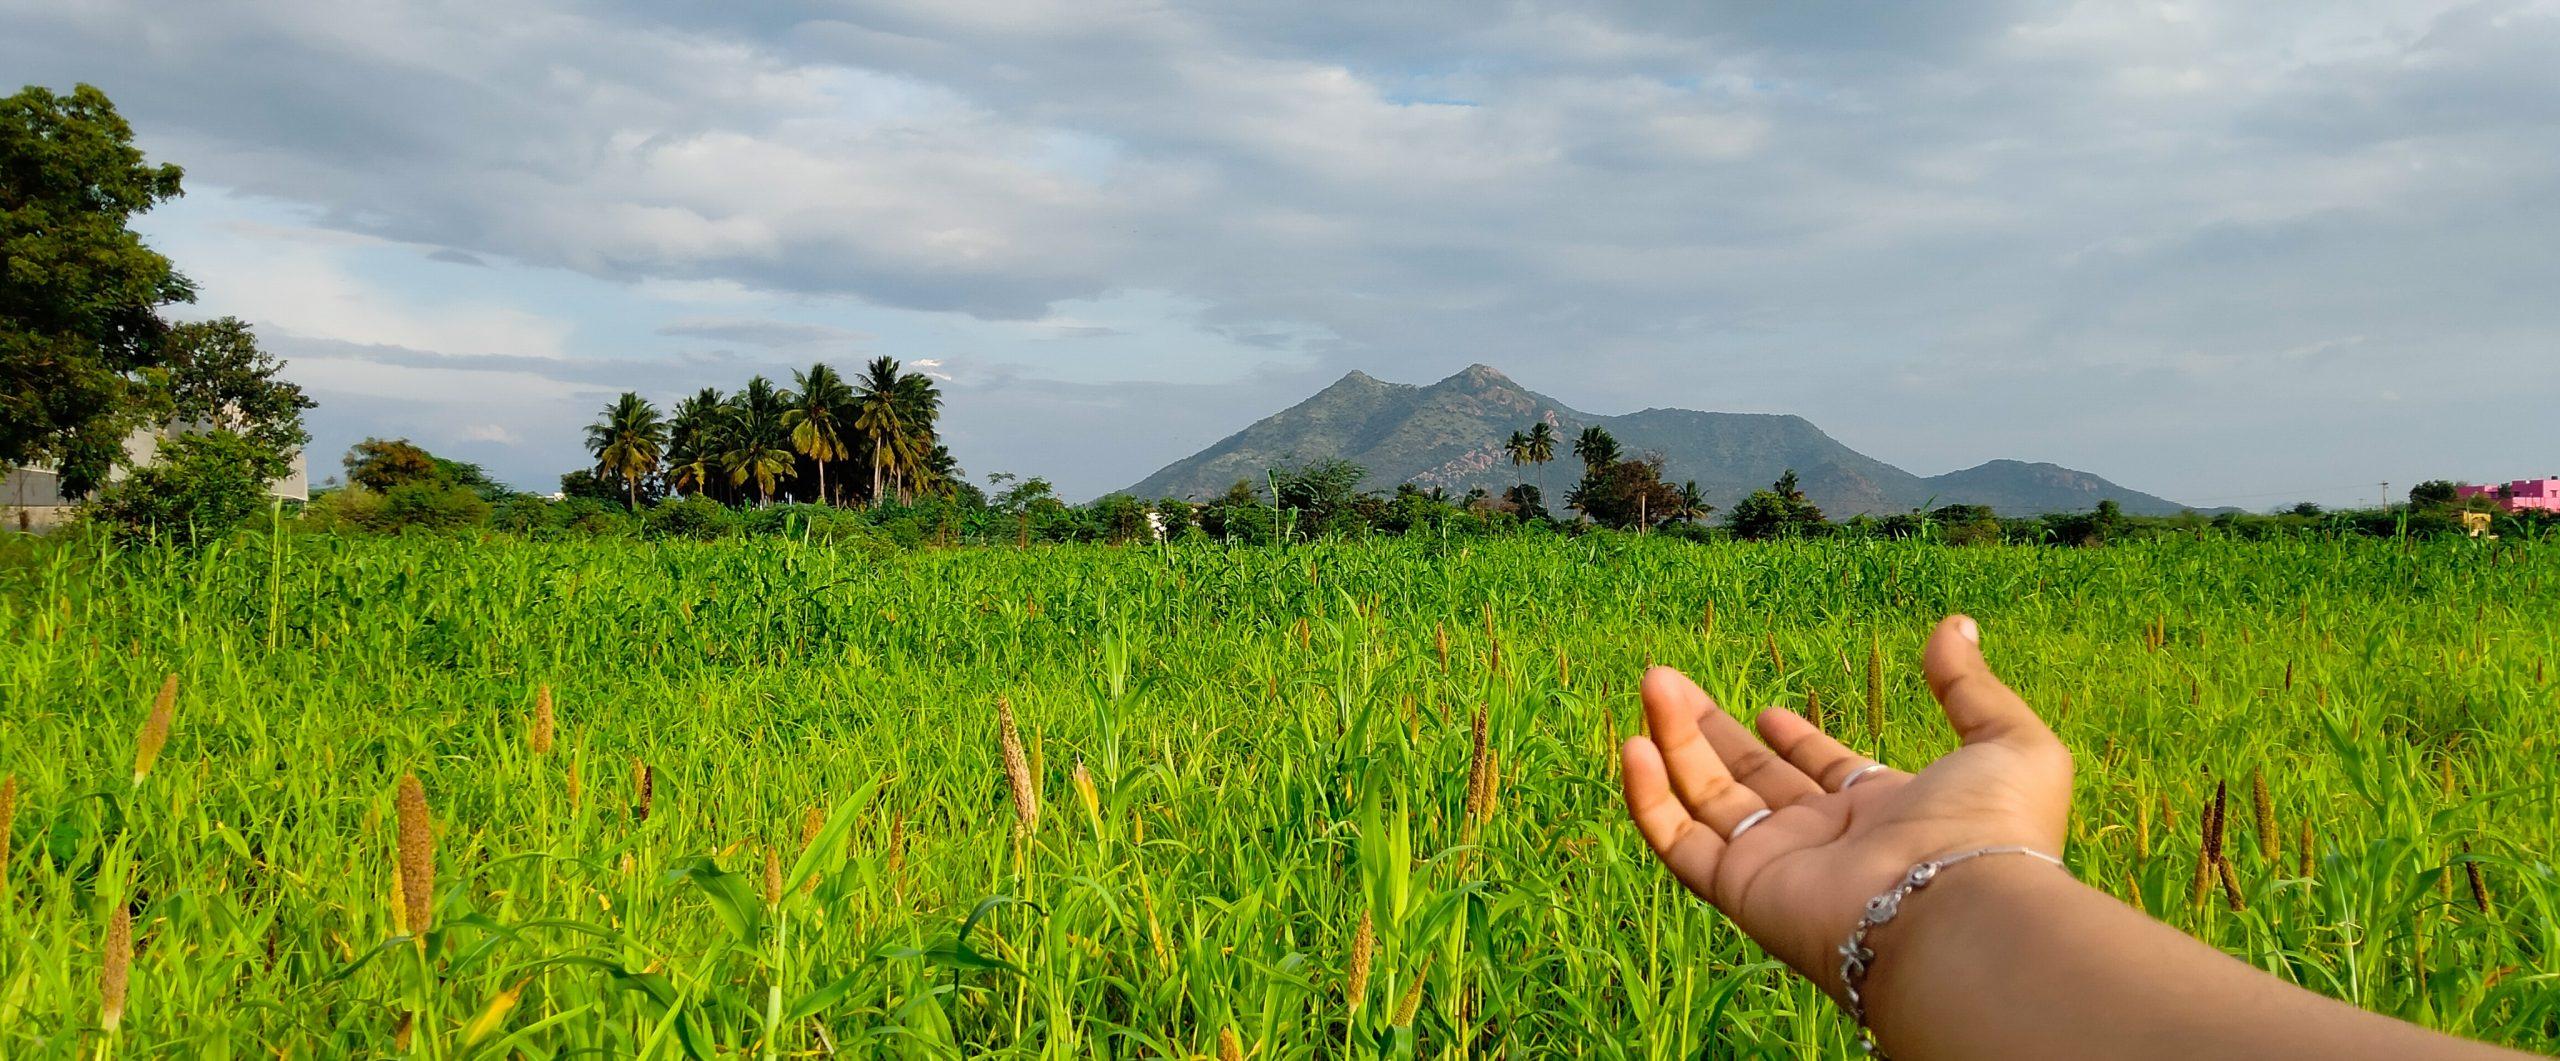 A farmer's hand towards crops